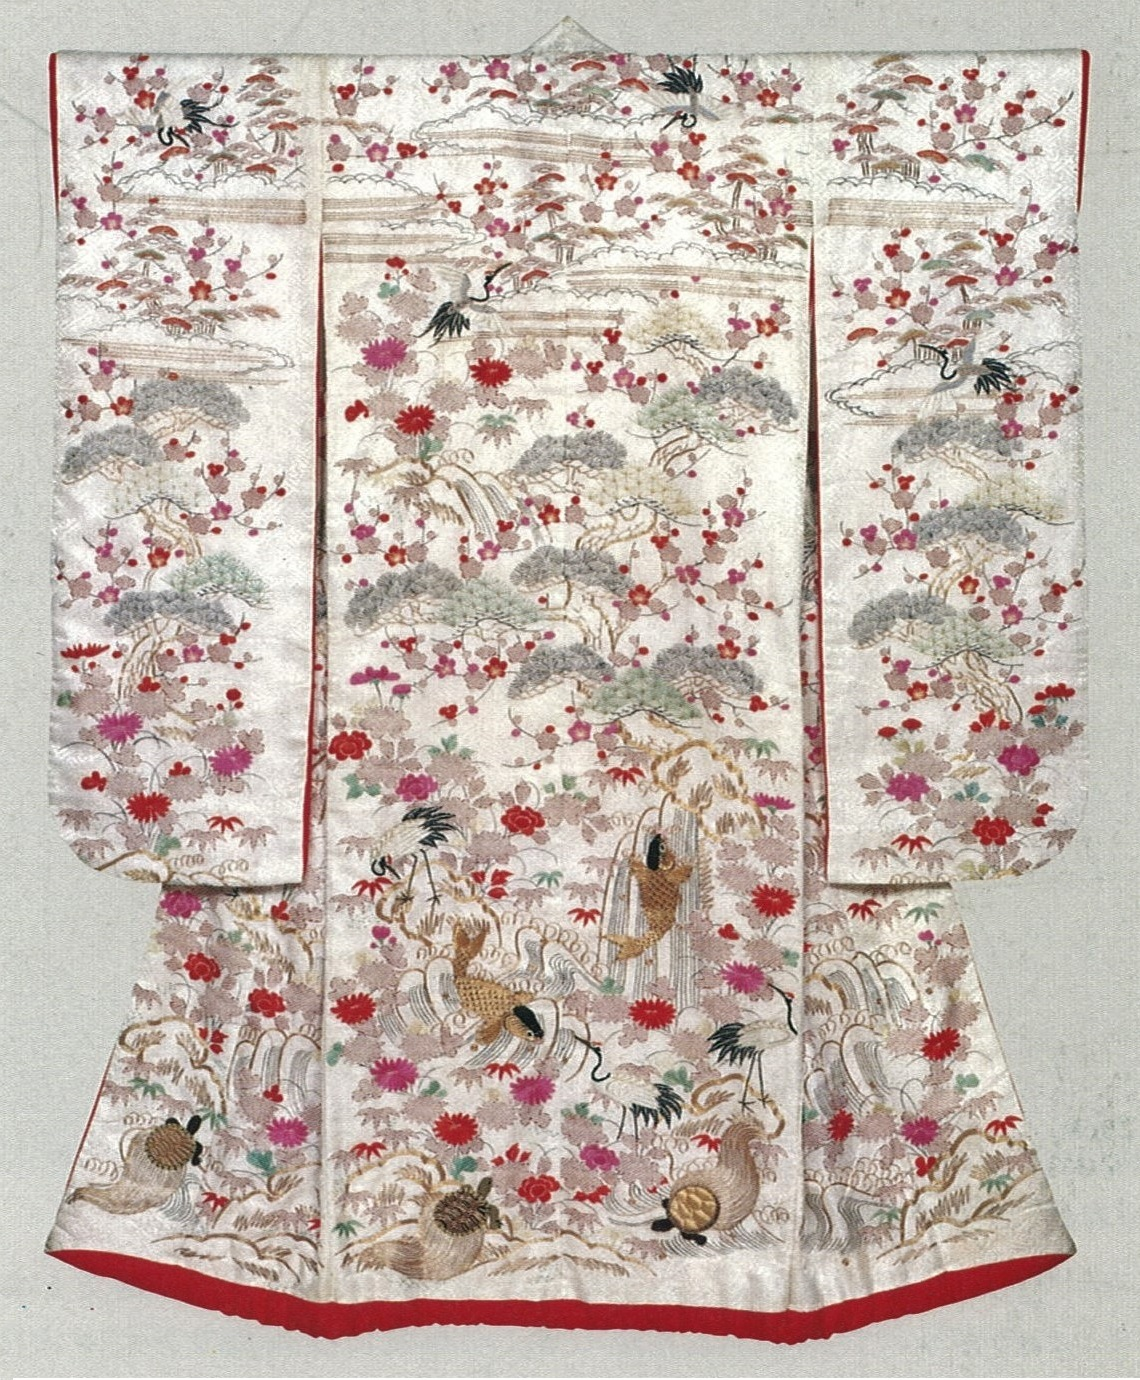 花嫁衣裳展10月から11月のイメージ